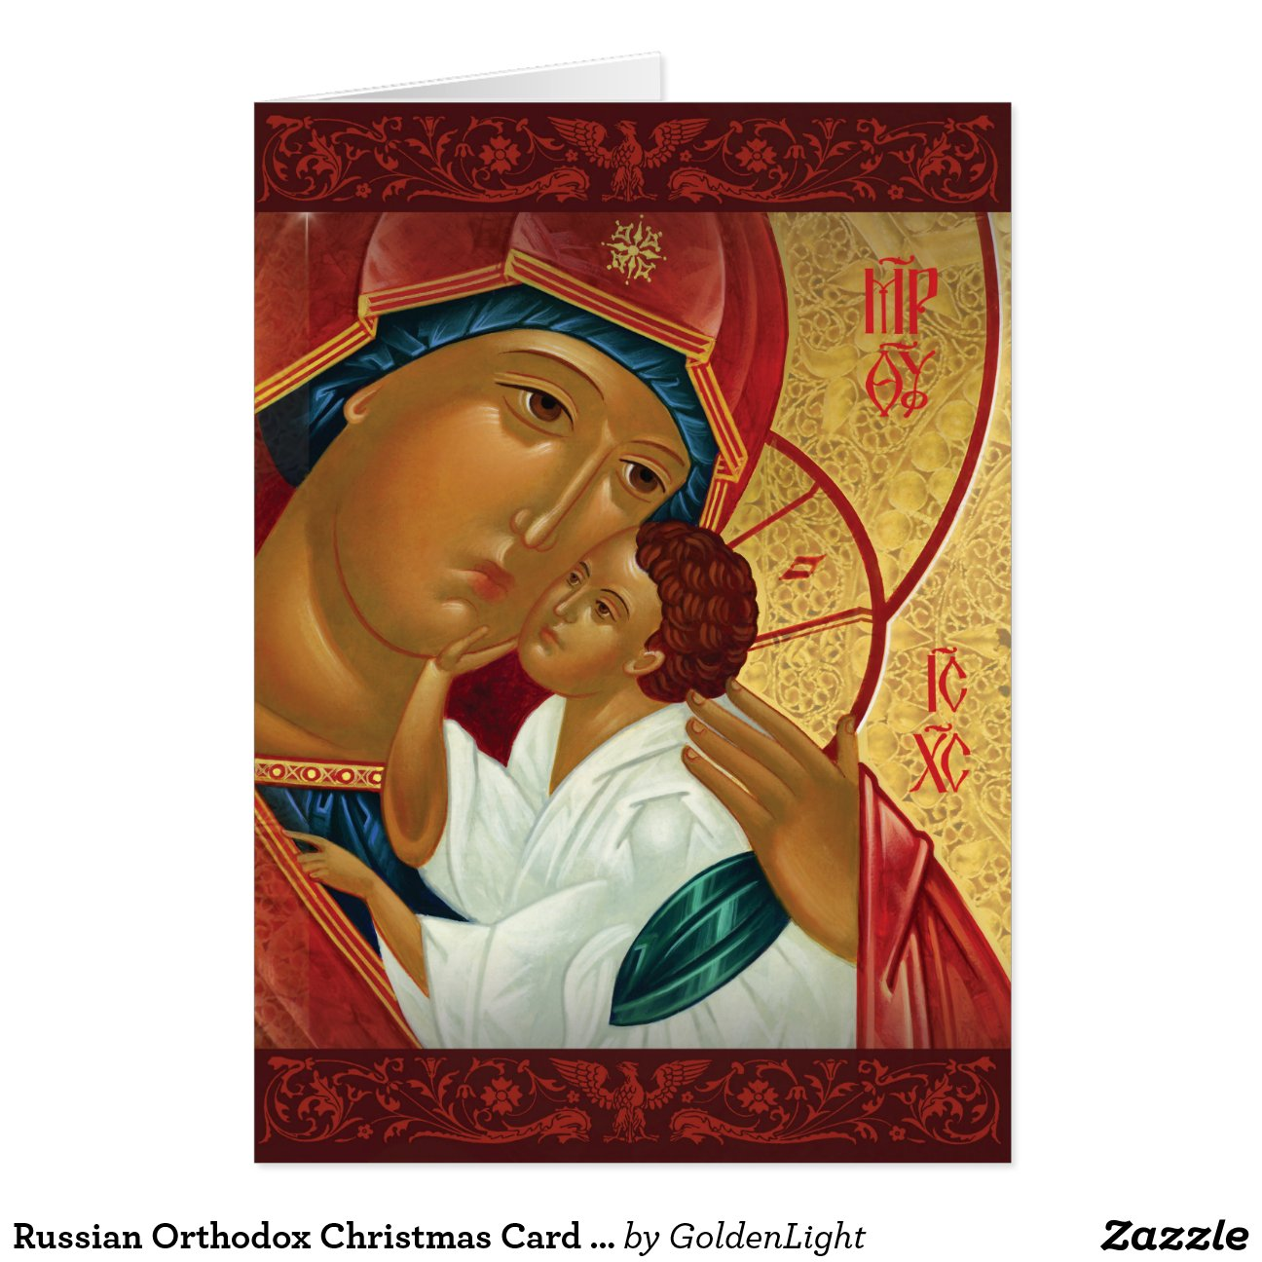 Russian Orthodox Christmas Greeting